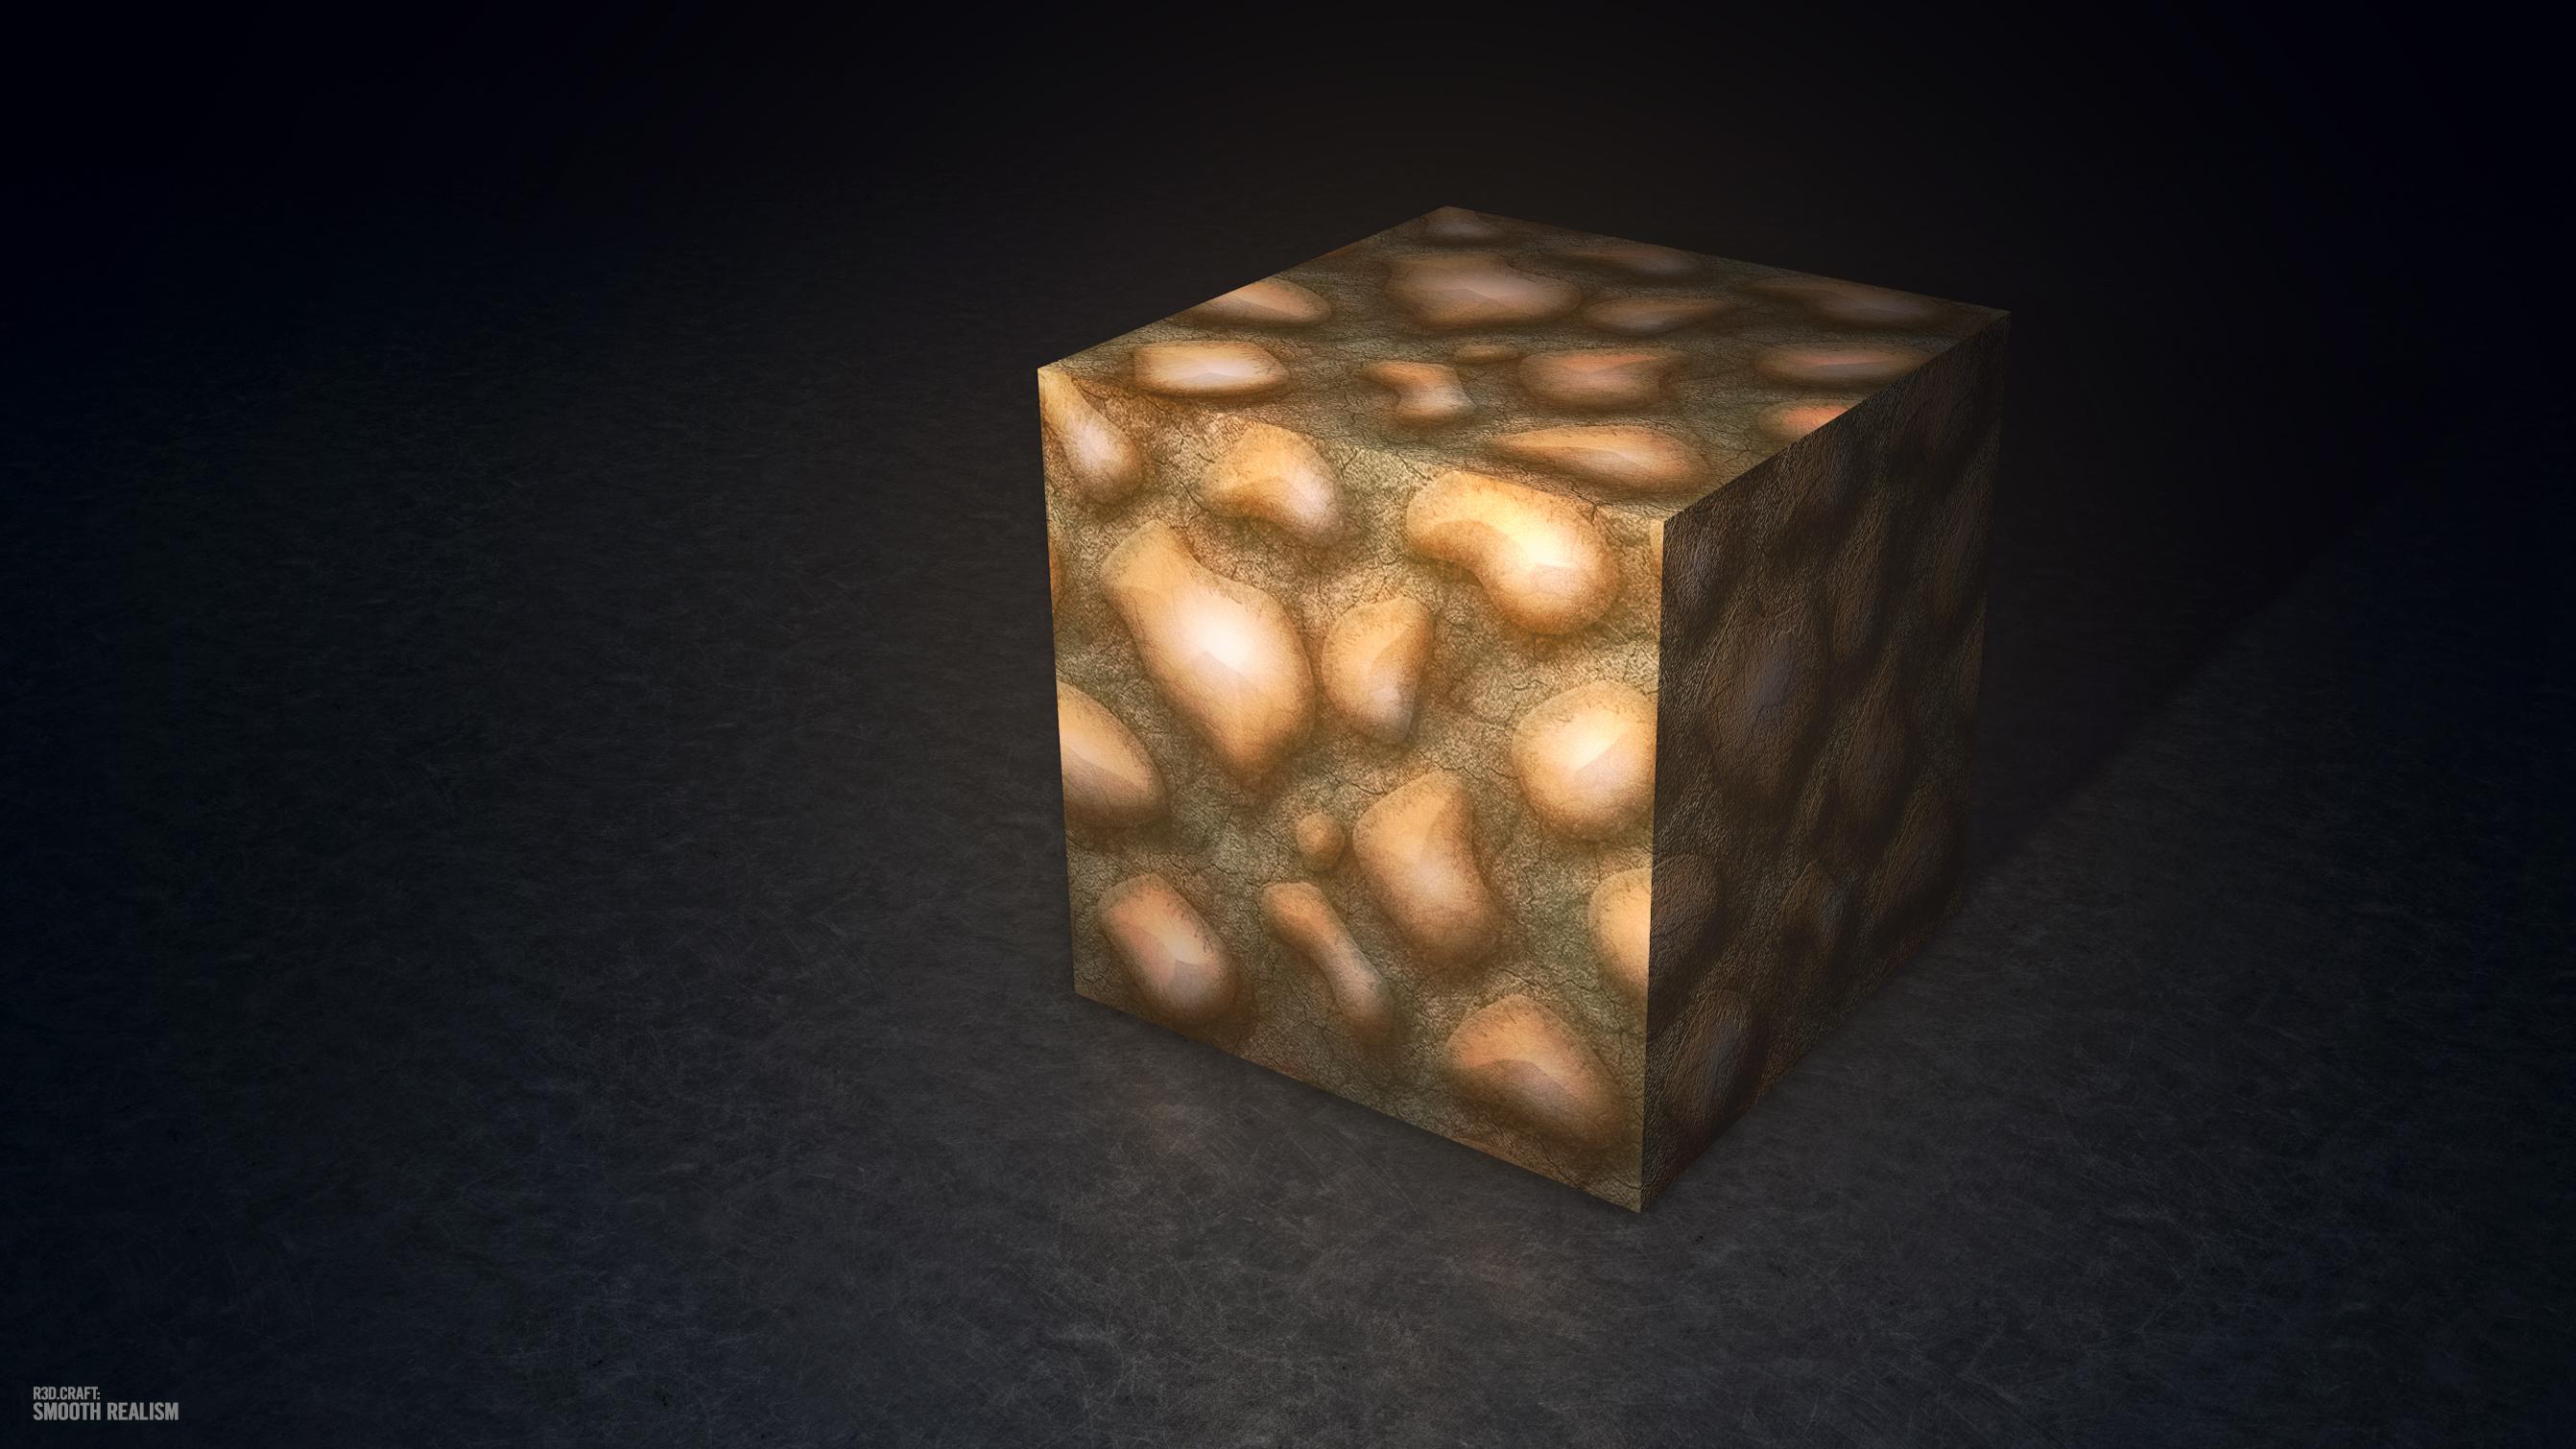 glowstone-jpg.jpg